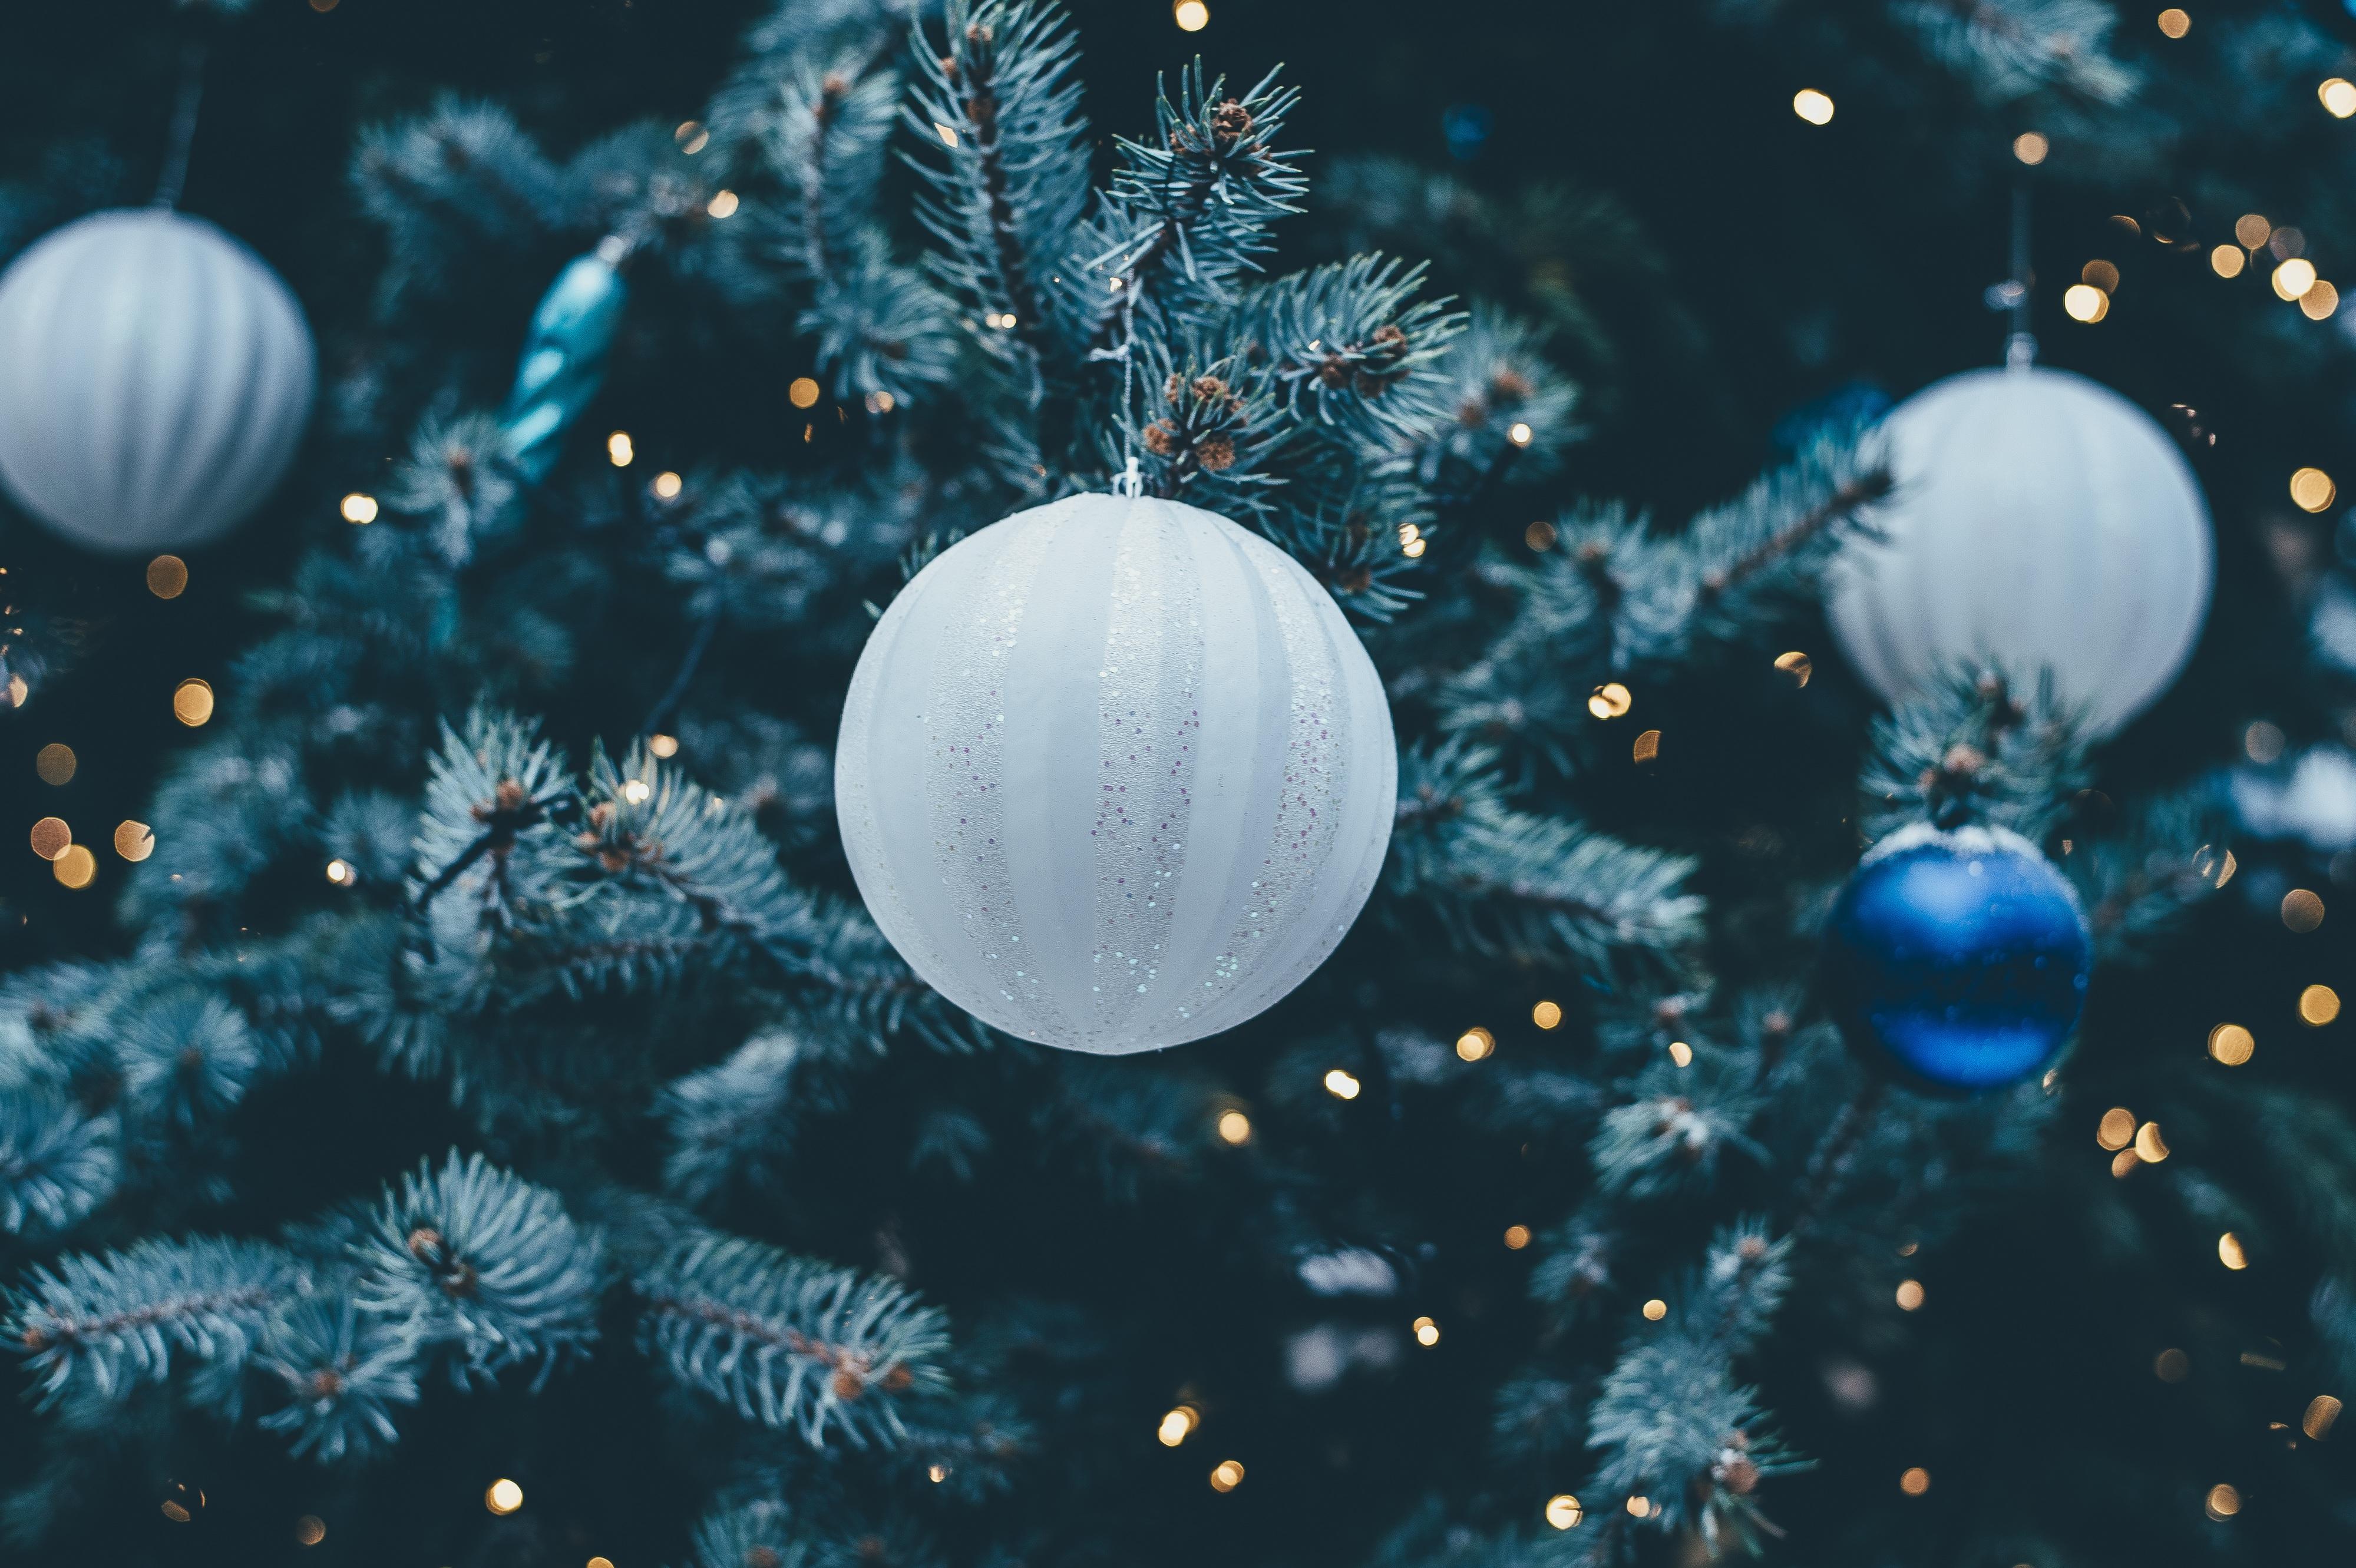 125236 descargar fondo de pantalla Vacaciones, Bola Navideña, Baile De Año Nuevo, Juguete Del Árbol De Navidad, Árbol De Navidad De Juego, Decoración: protectores de pantalla e imágenes gratis